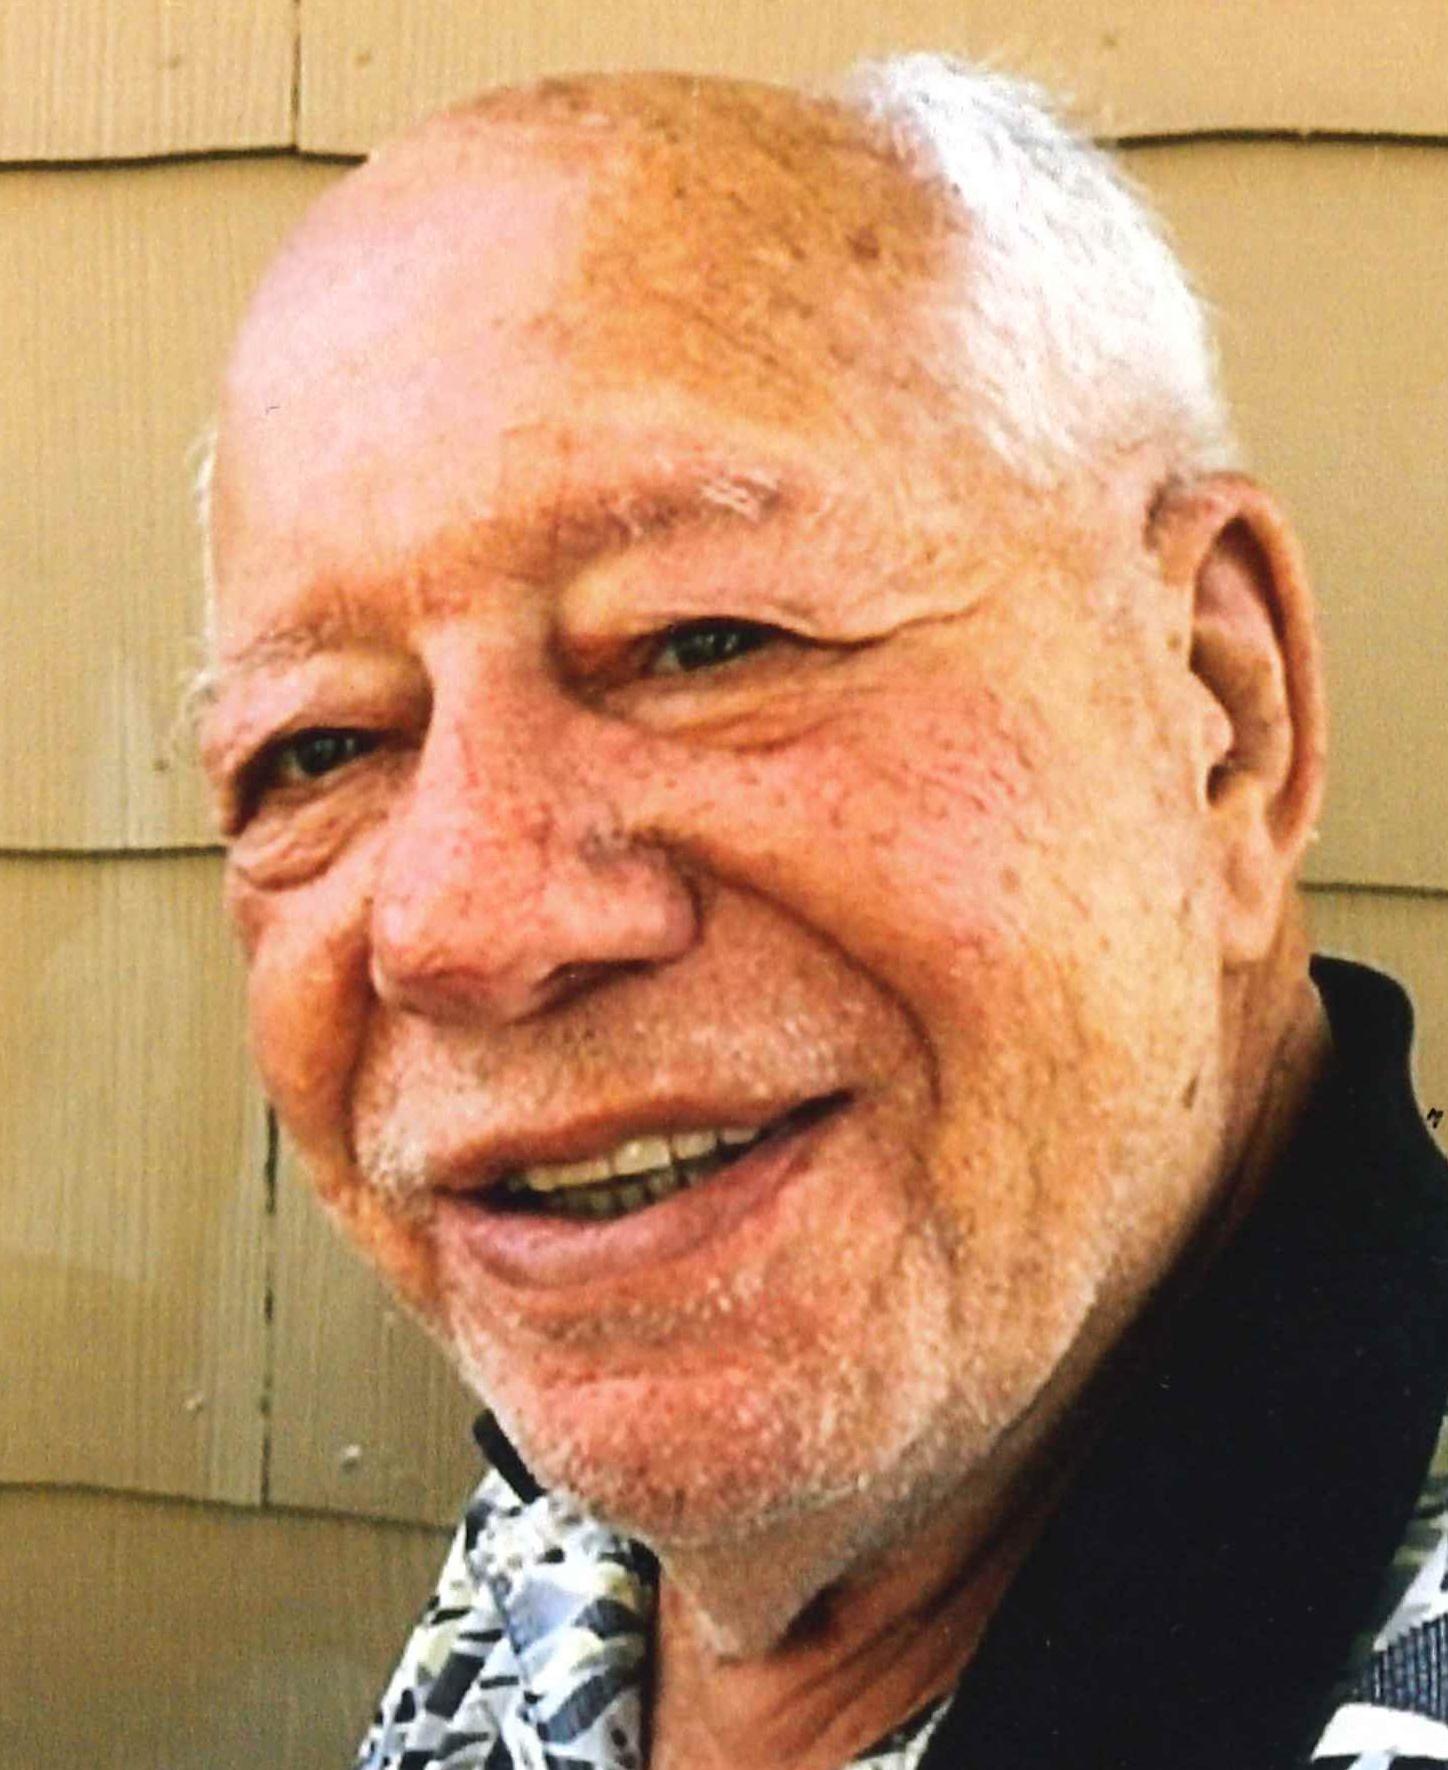 Dennis James Jordan, 76 years of age, of Holdrege